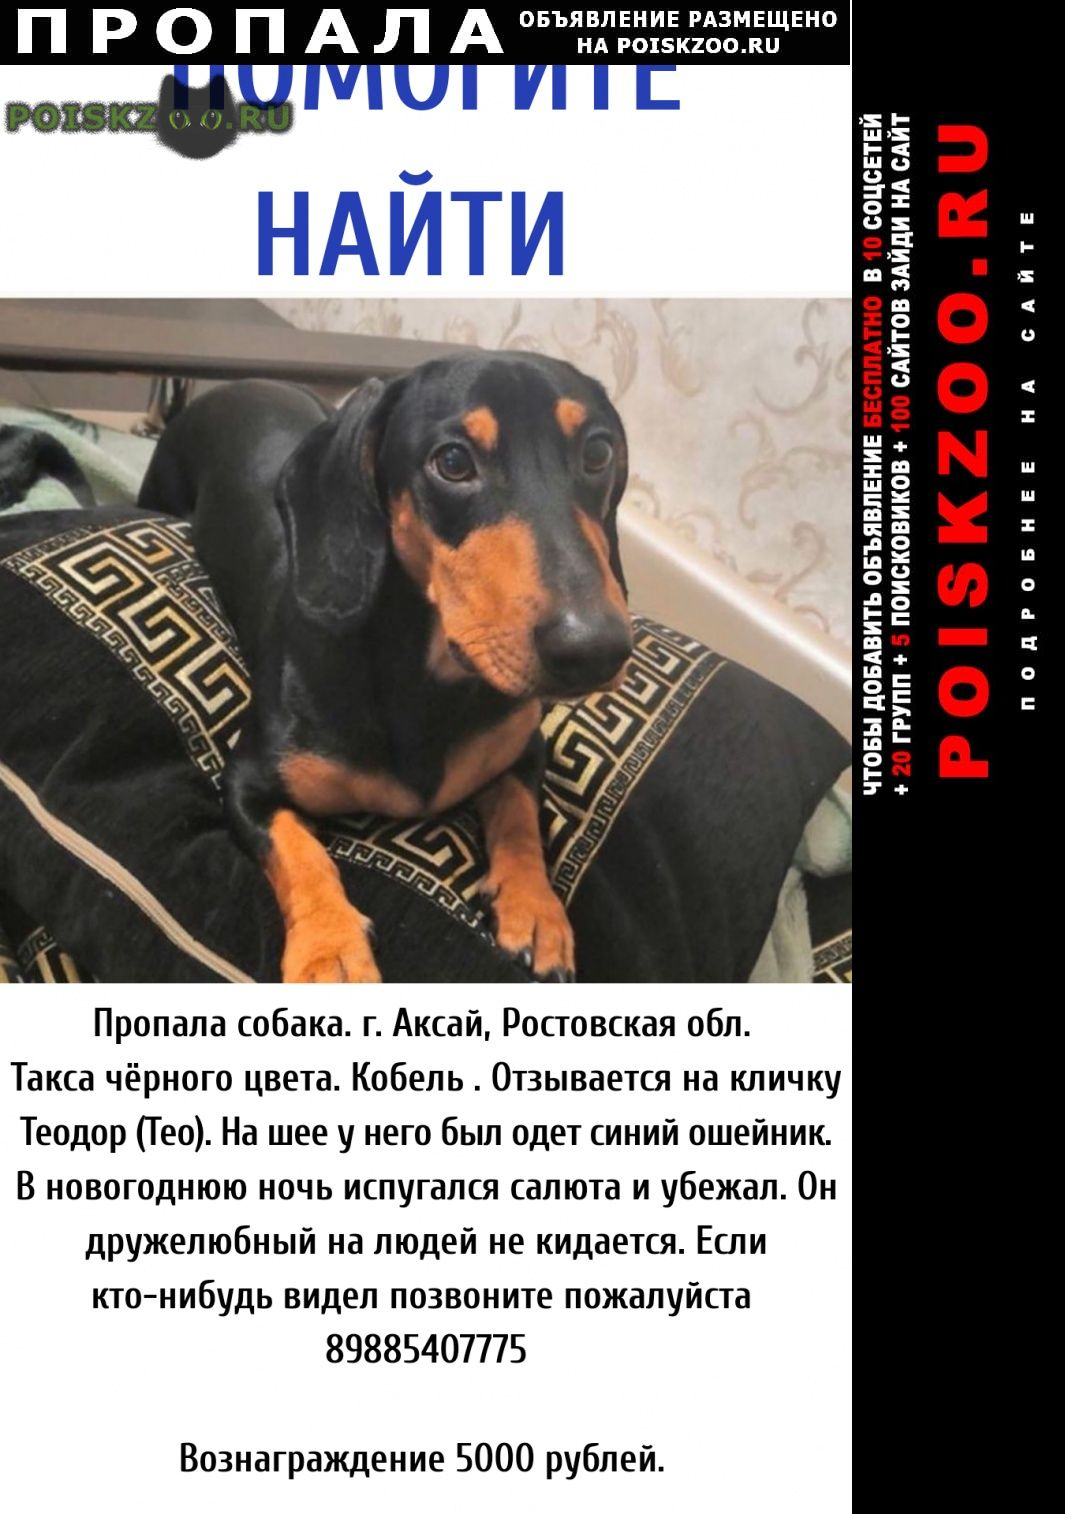 Пропала собака кобель такса г.Аксай (Ростовская обл.)